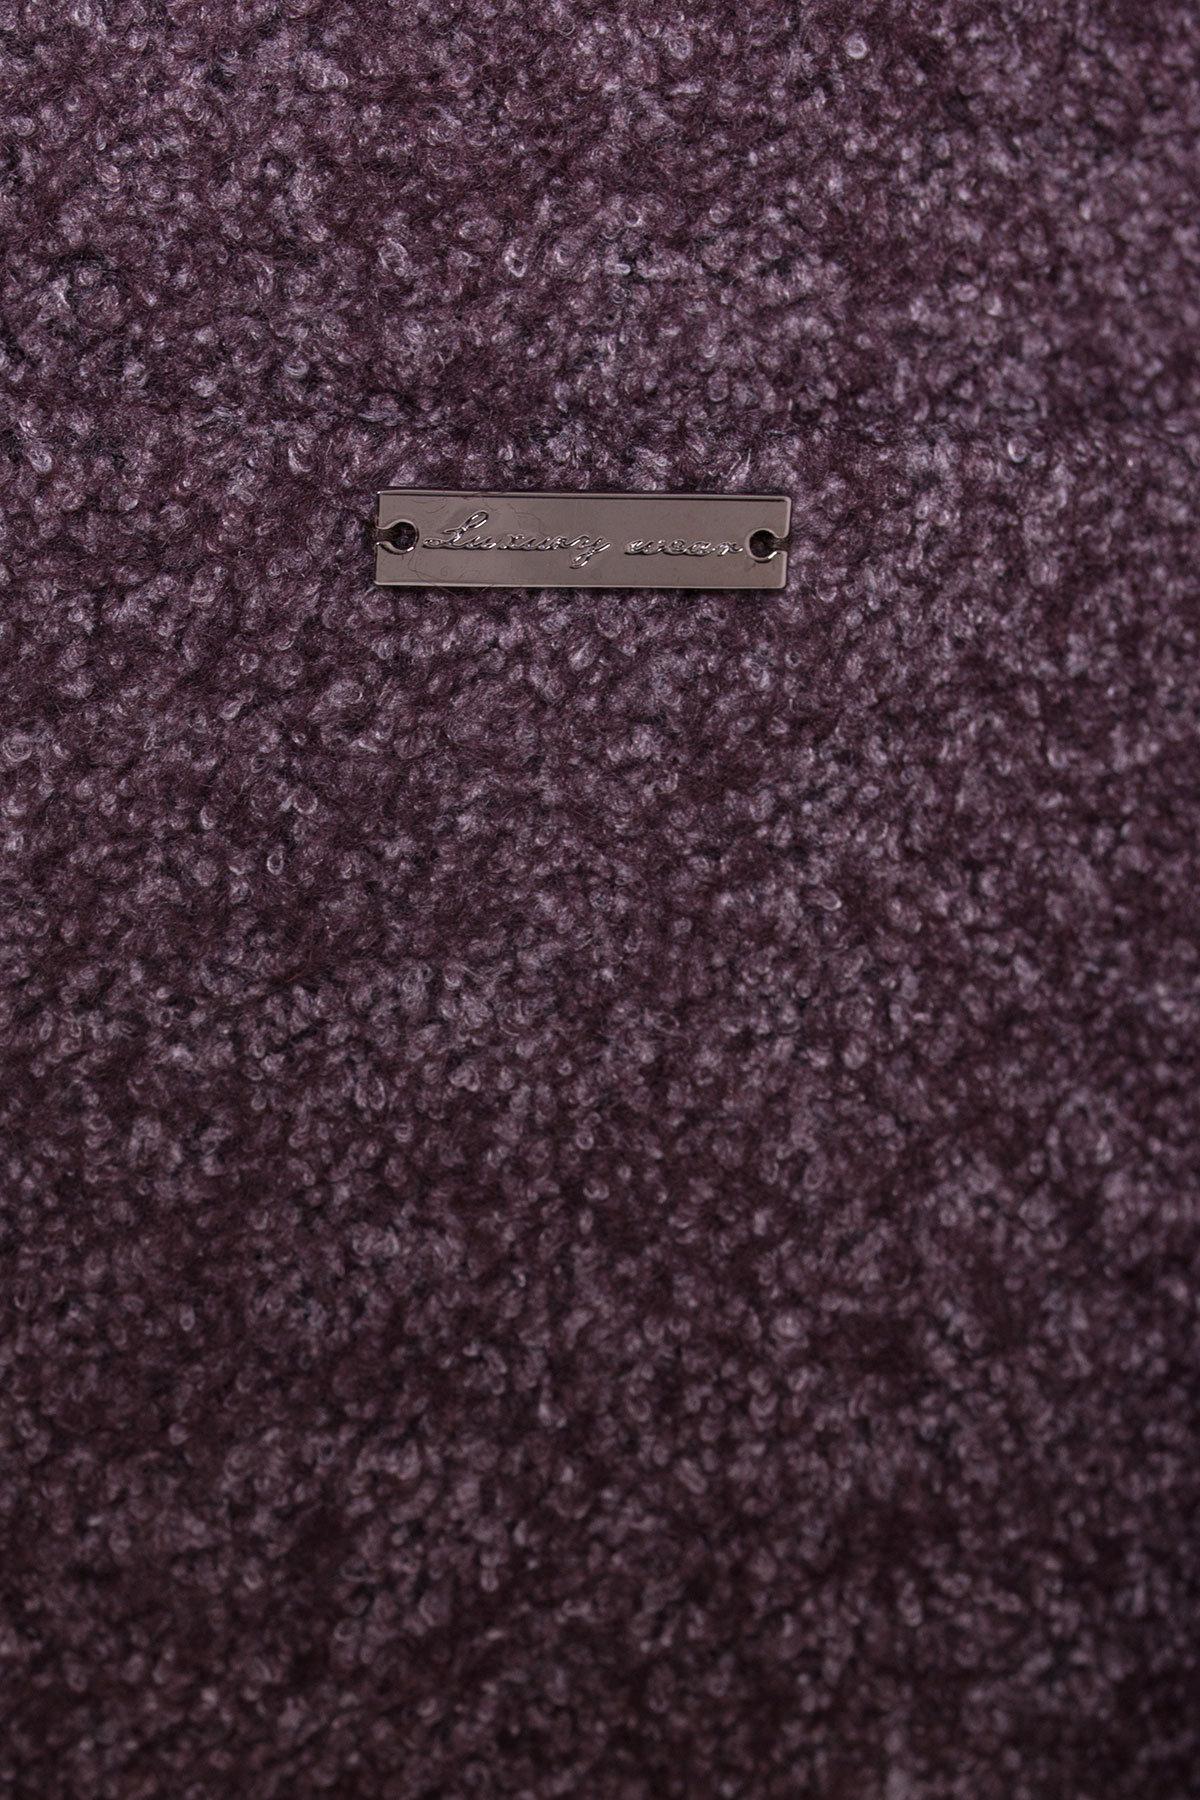 Пальто Вейси 1628 АРТ. 16648 Цвет: Шоколад - фото 4, интернет магазин tm-modus.ru